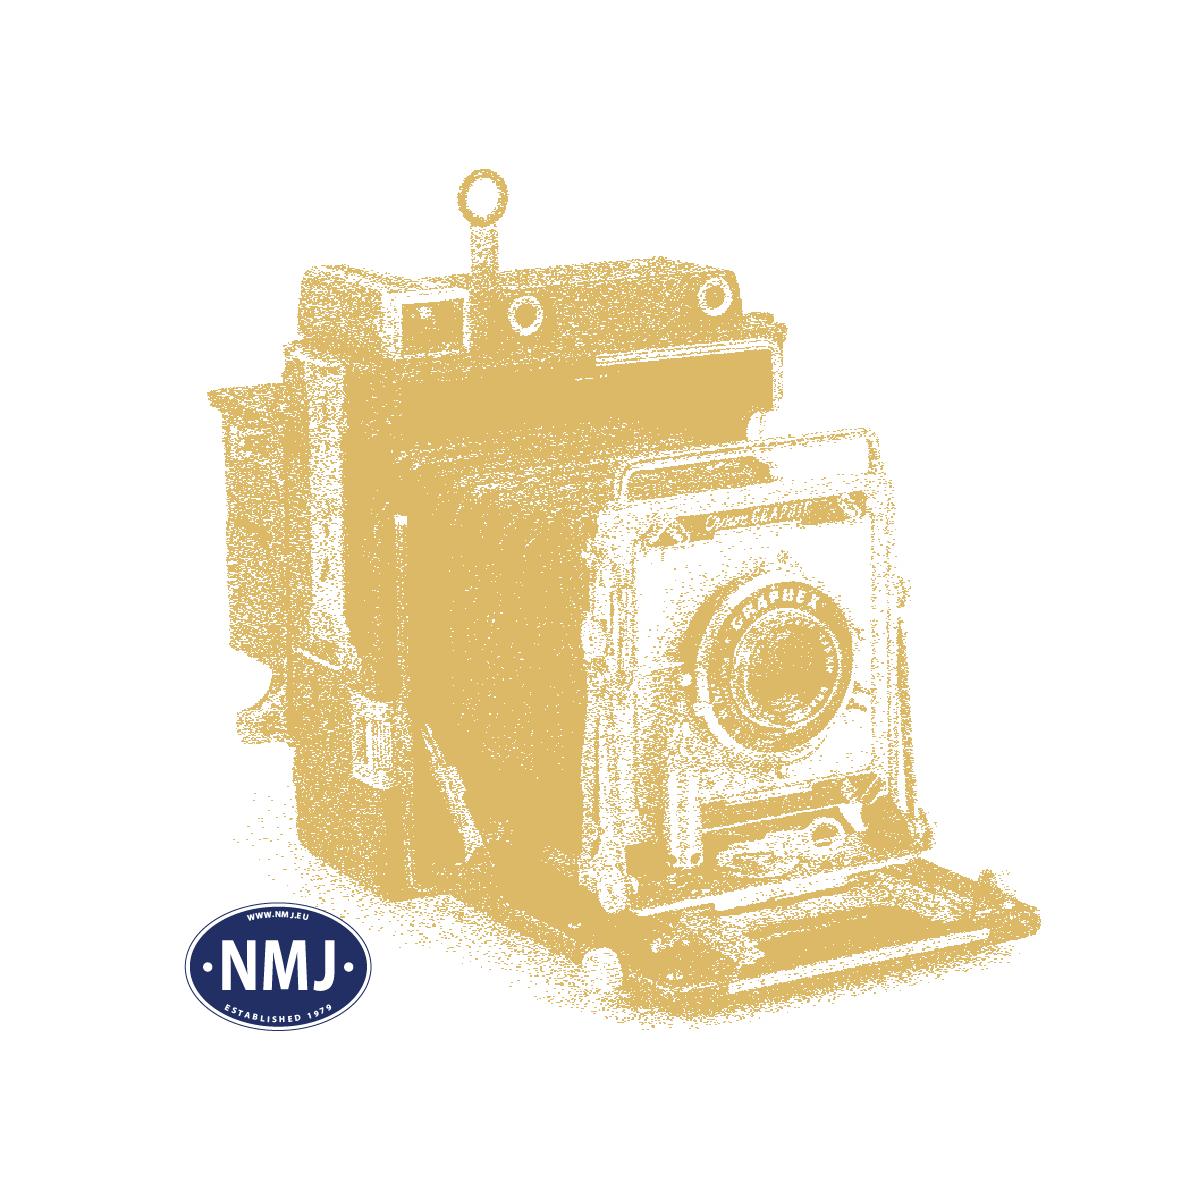 NMJT90015 - NMJ Topline NSB Di3a 616, DC